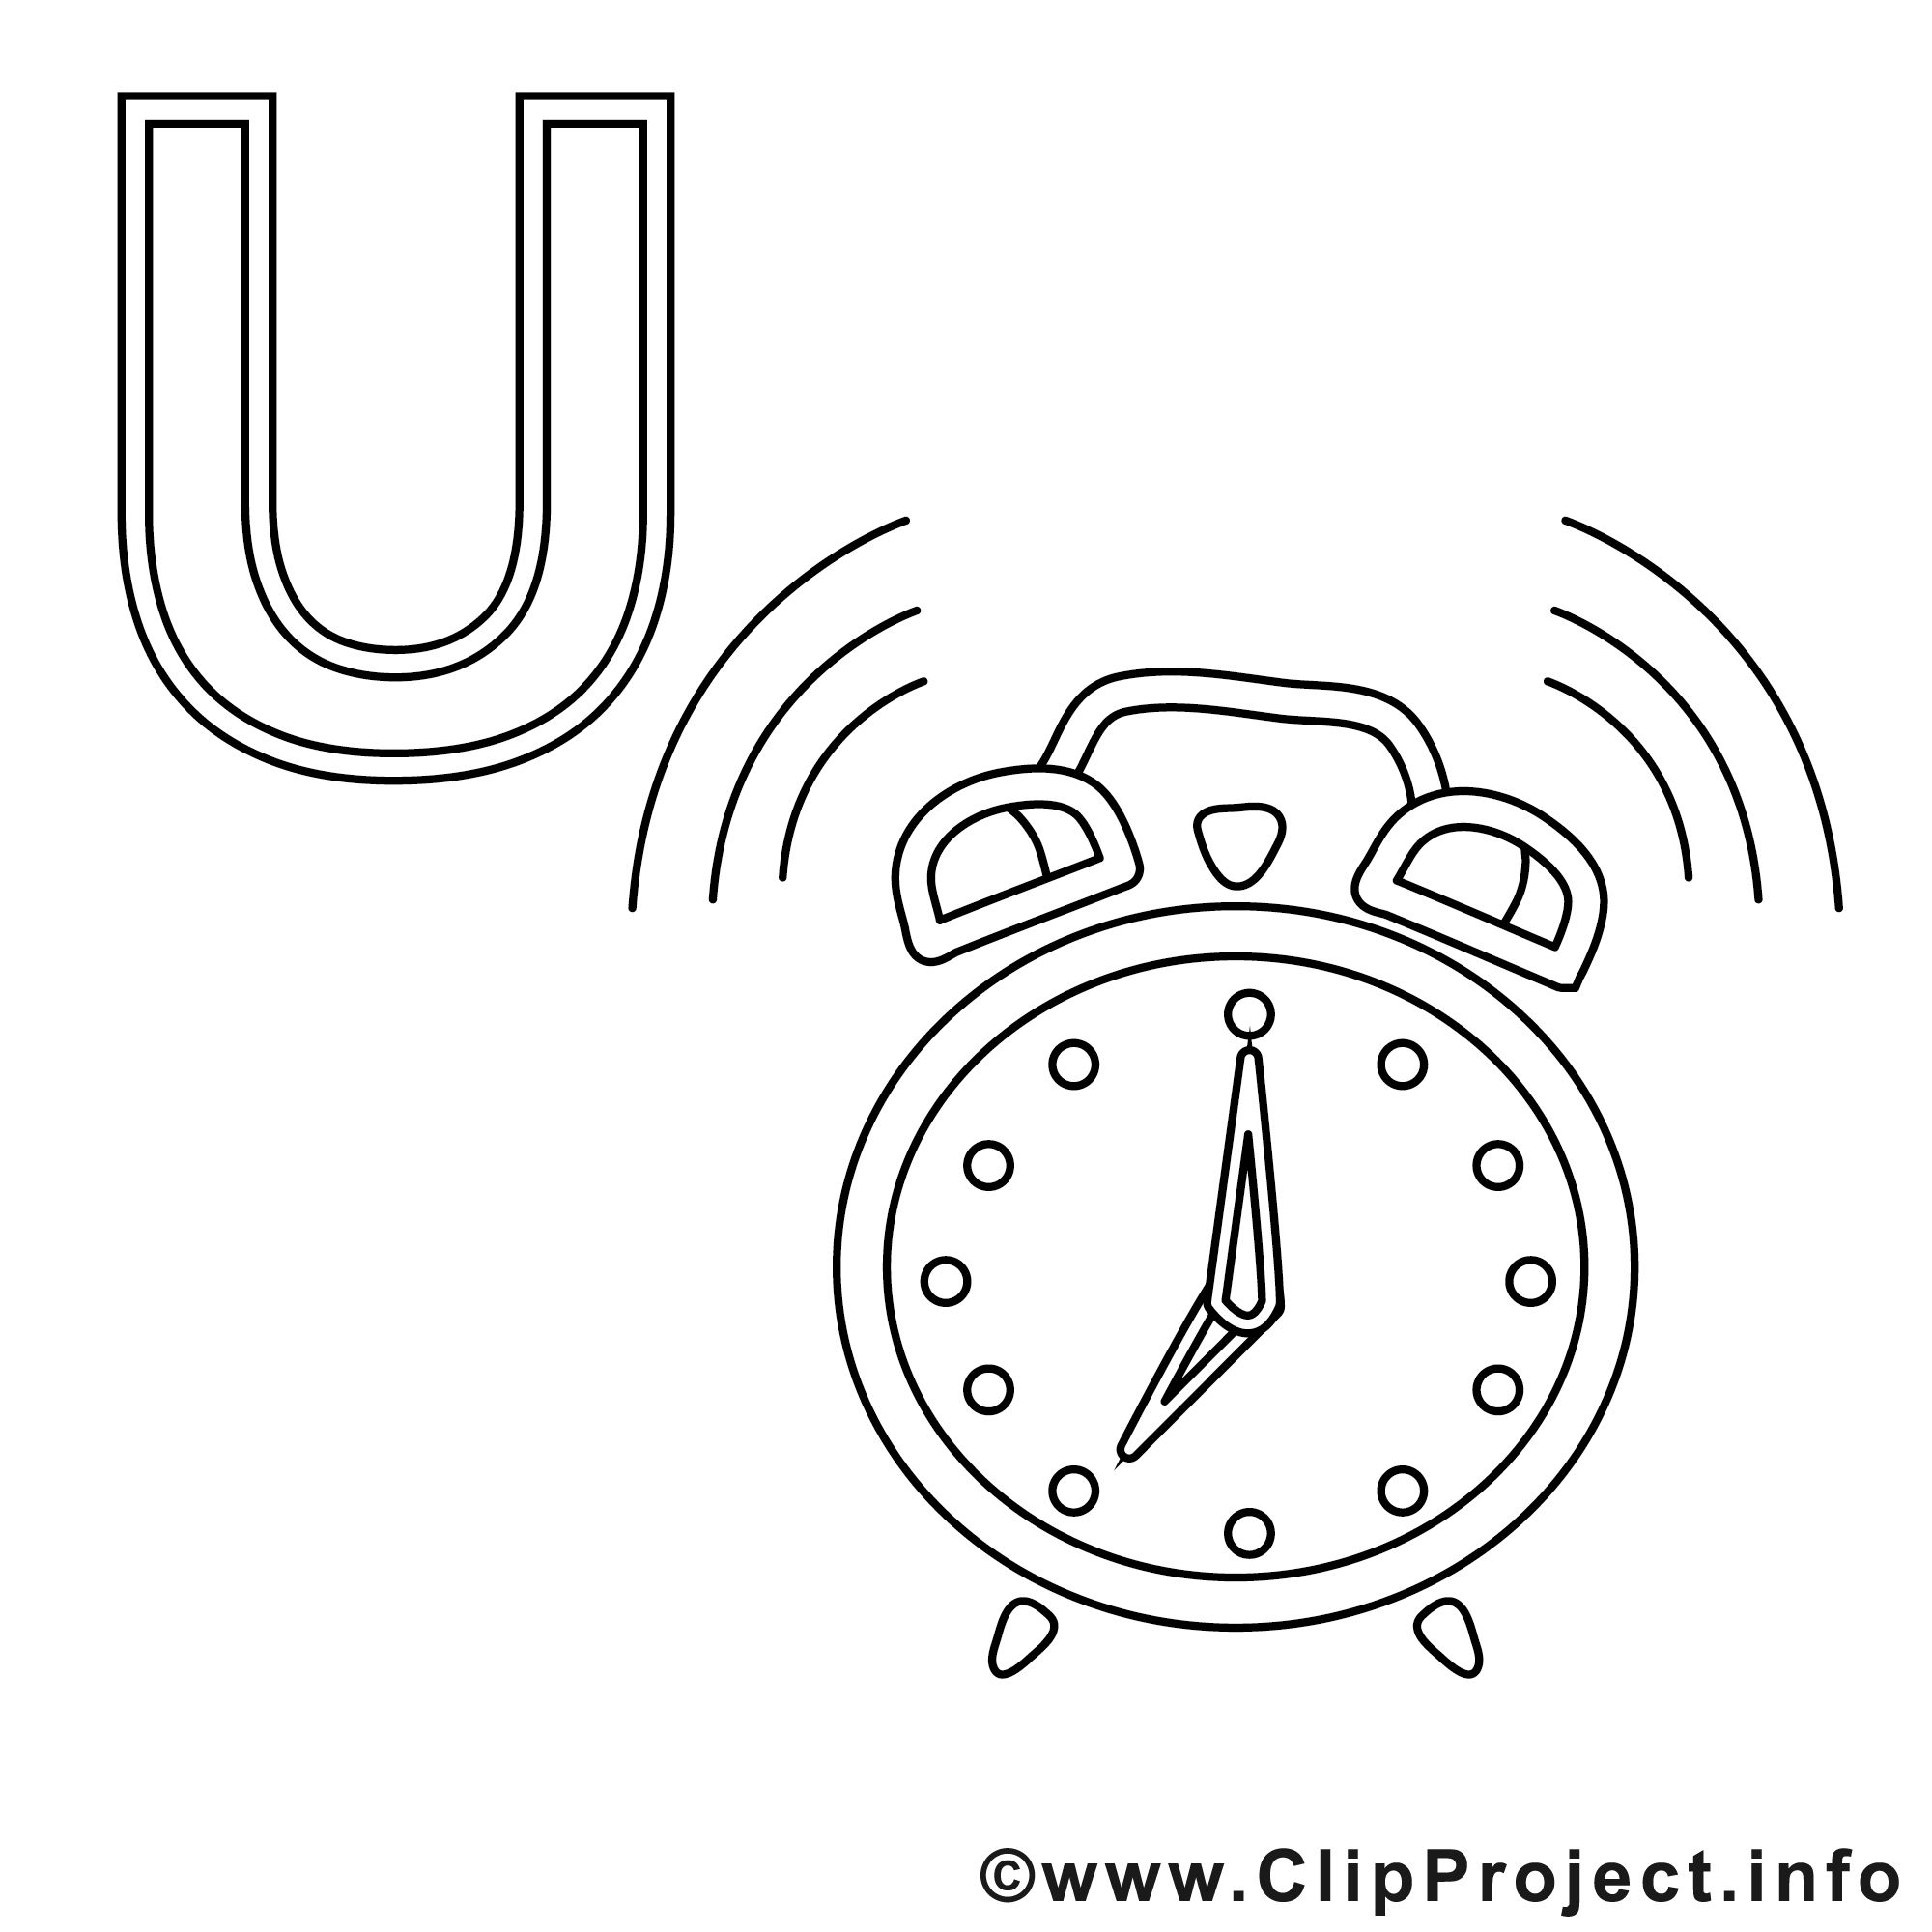 Uhr Ausmalbild Buchstaben 239 Malvorlage Uhr Ausmalbilder Kostenlos ...